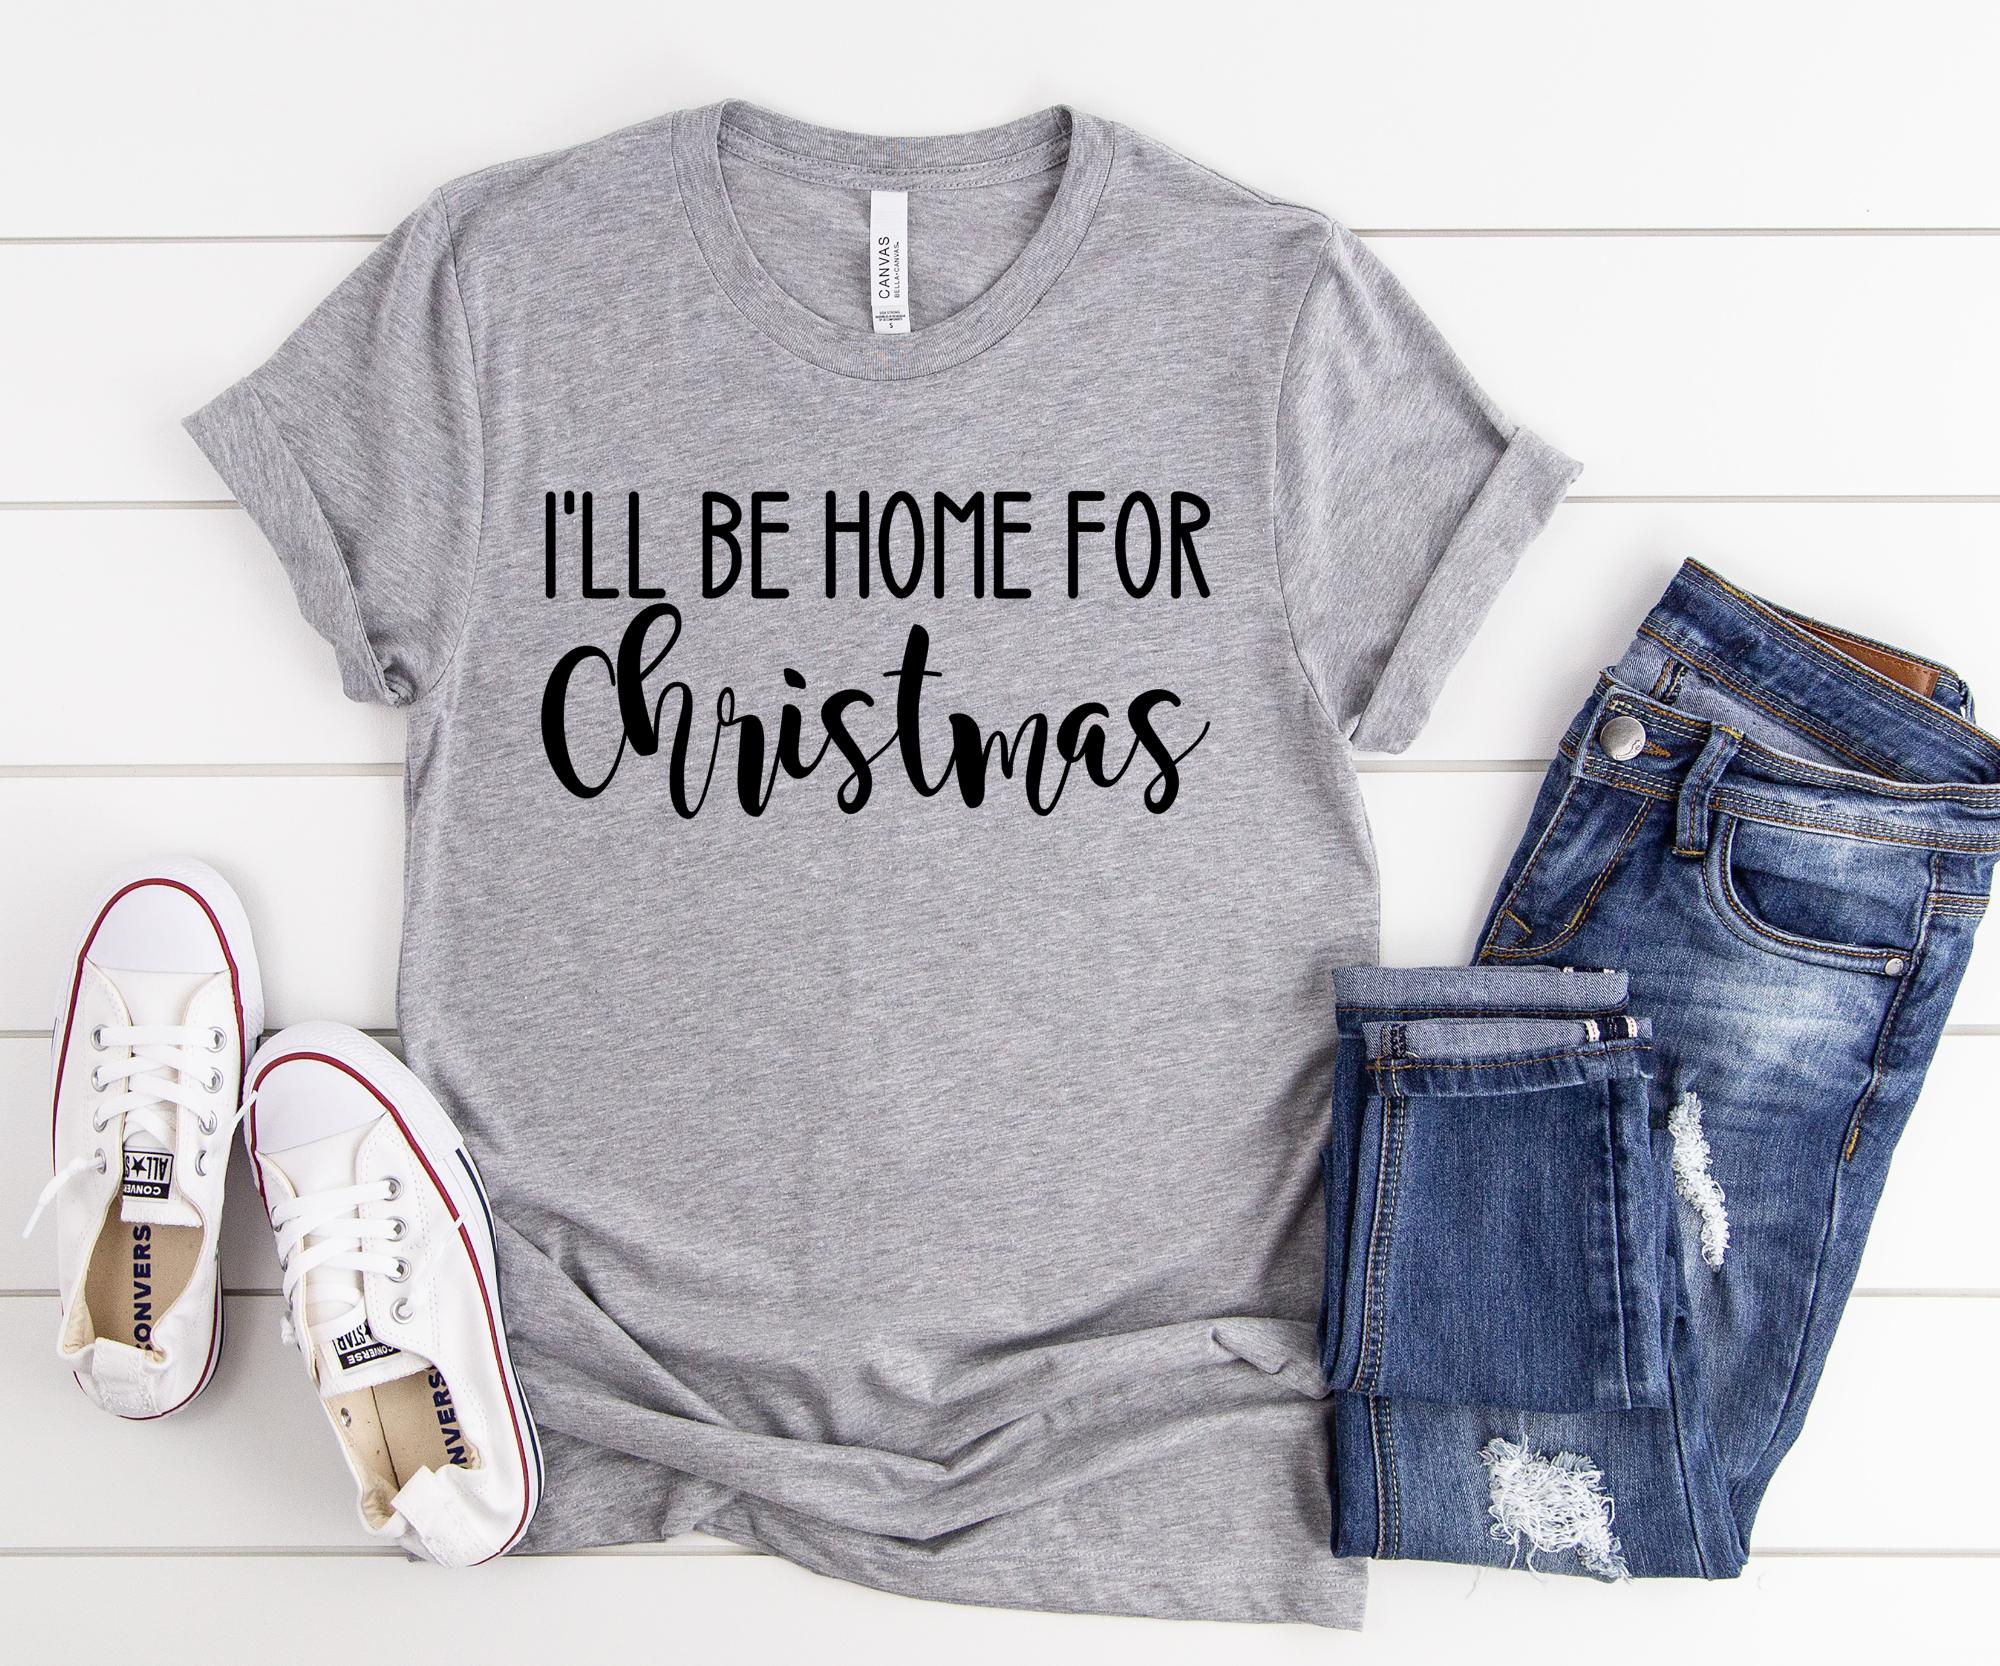 I'll be home for Christmas, Christmas party shirt, Christmas shirt, Matching